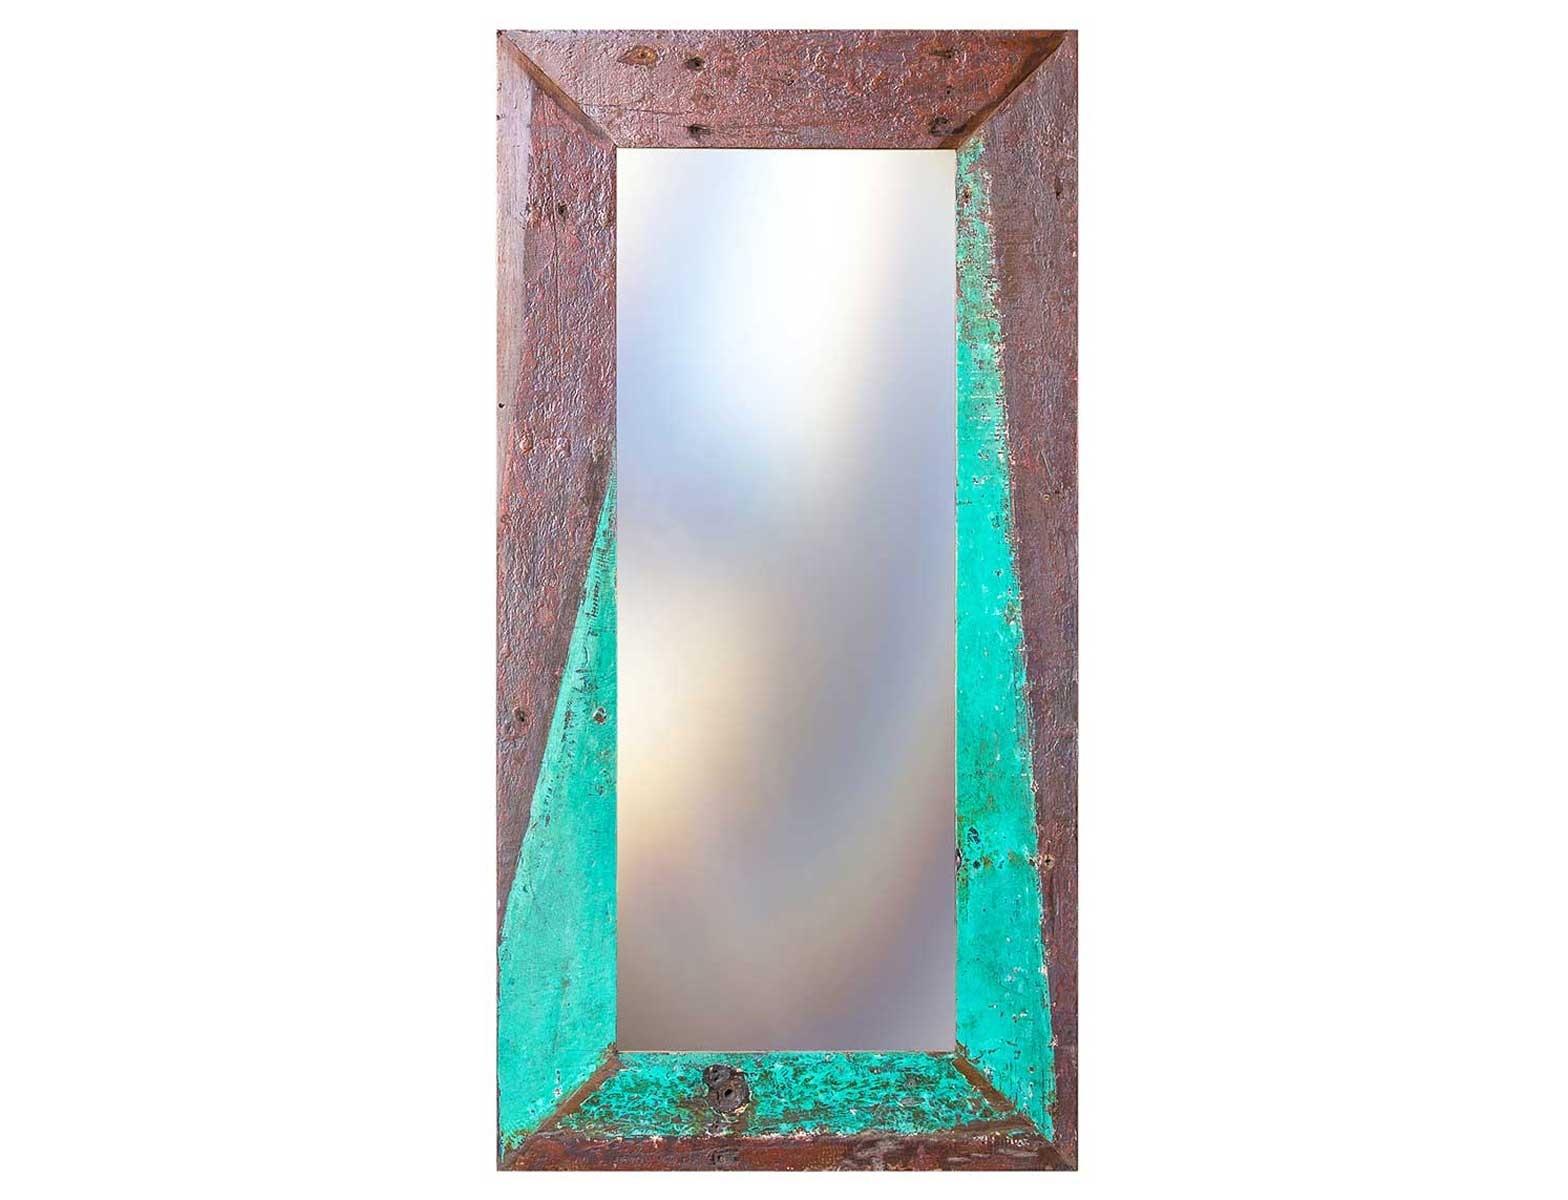 Зеркало Свет мой зеркальцеНастенные зеркала<br>Зеркало выполнено из фрагментов настоящего рыболовецкого судна, возраст которого 20-40 лет. Окрас сохранён оригинальный.<br><br>Material: Тик<br>Ширина см: 90<br>Высота см: 180<br>Глубина см: 3